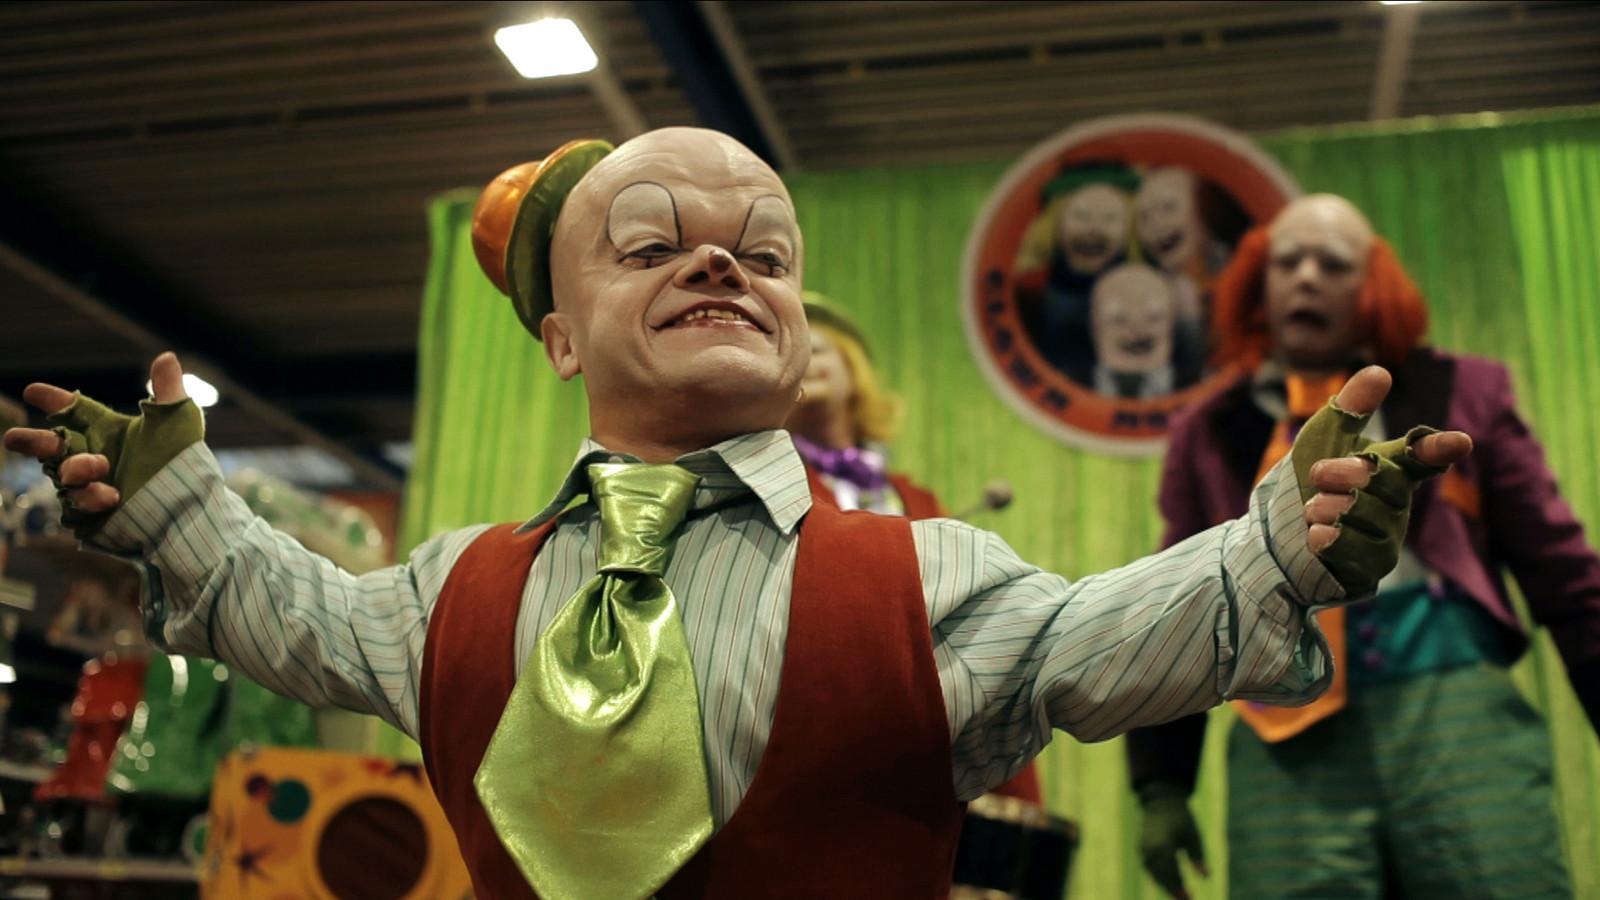 Chris Willemsen was onder andere te zien in 'Crimi Clowns'.